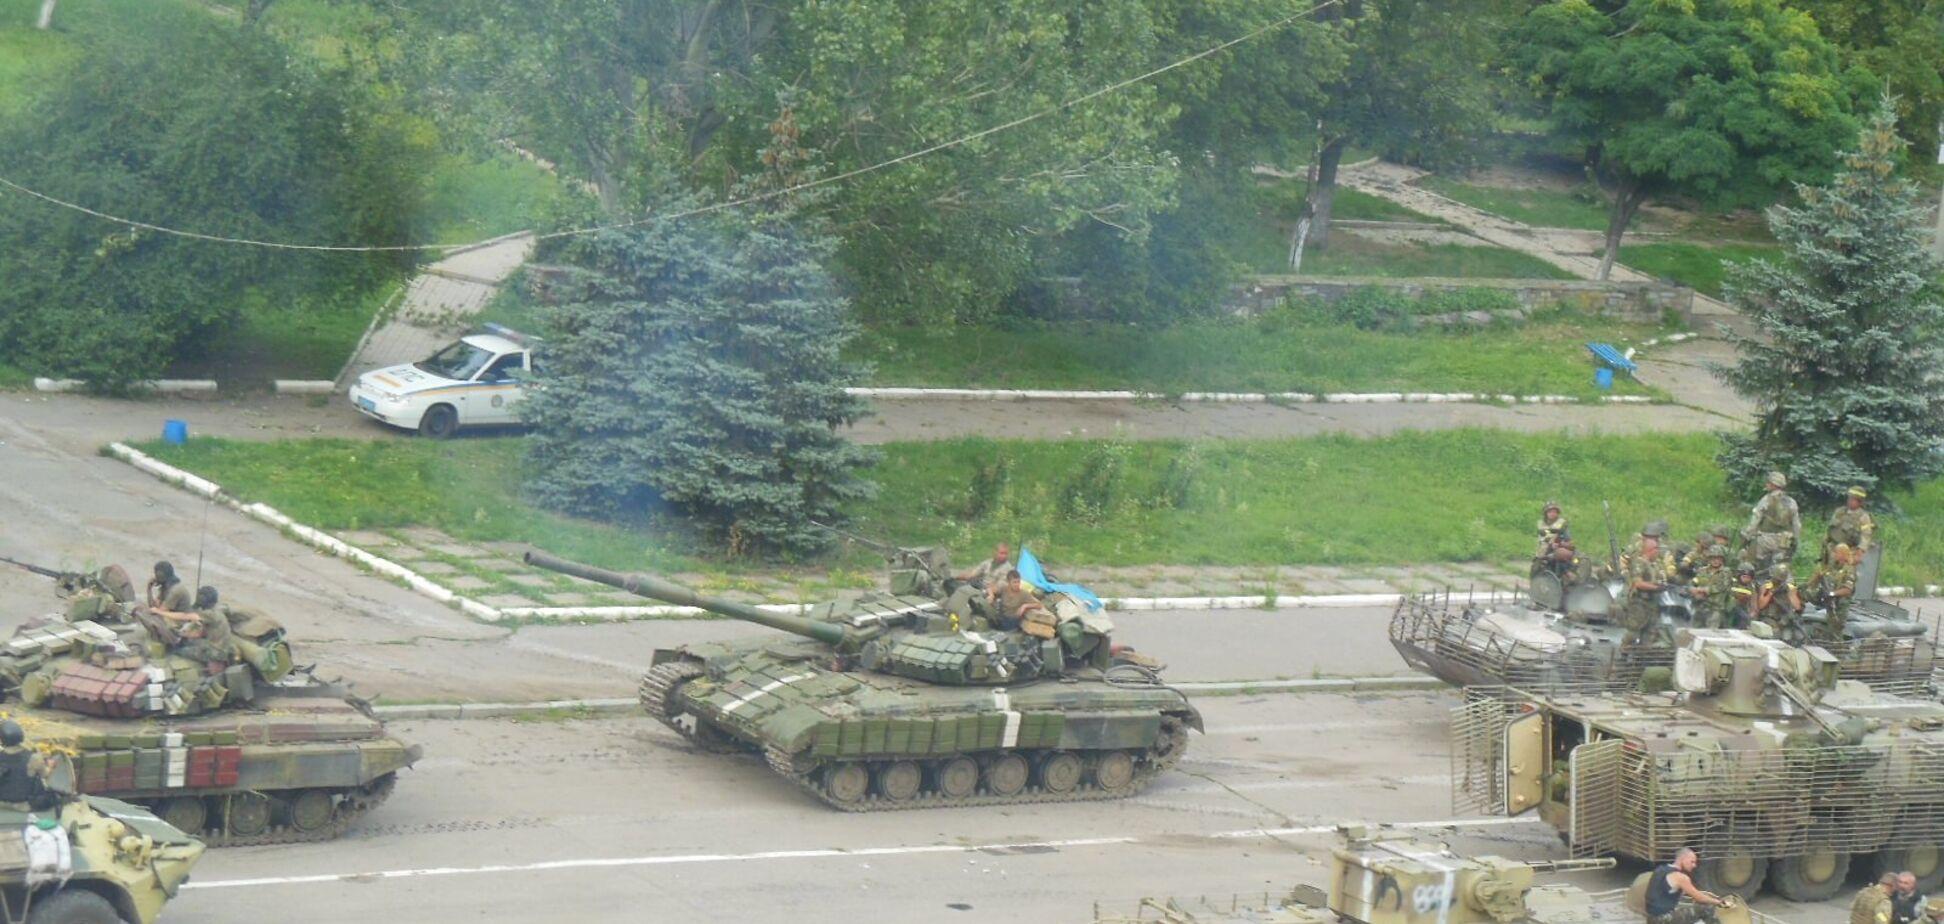 Подняли флаг Украины! В сети напомнили о знаковом событии на Донбассе